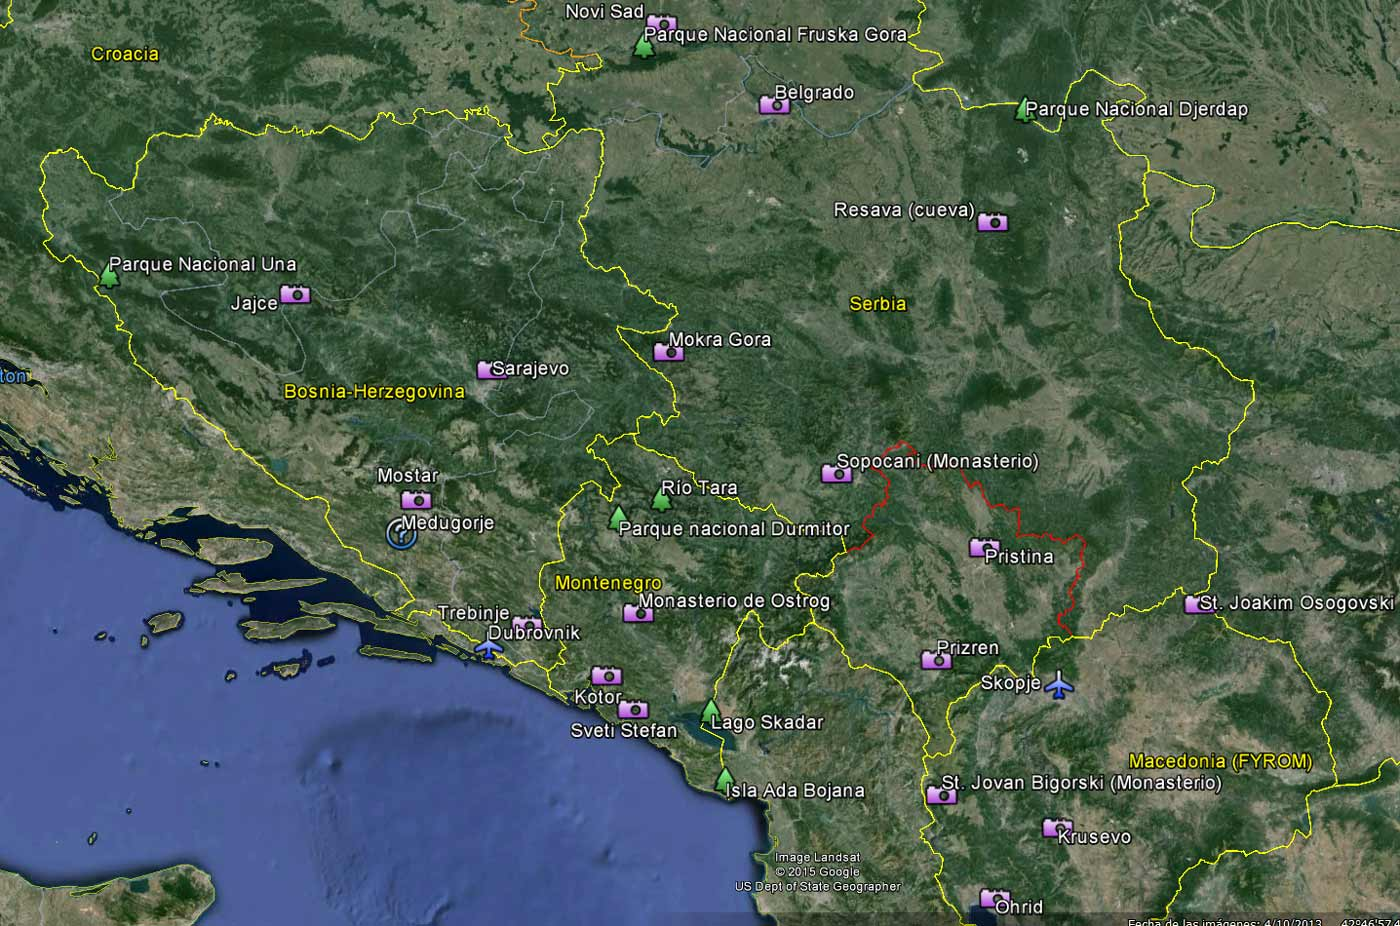 Lugares a visitar en nuestro viaje por los Balcanes - Croacia, Bosnia, Serbia, Kosovo, Macedonia y Montenegro